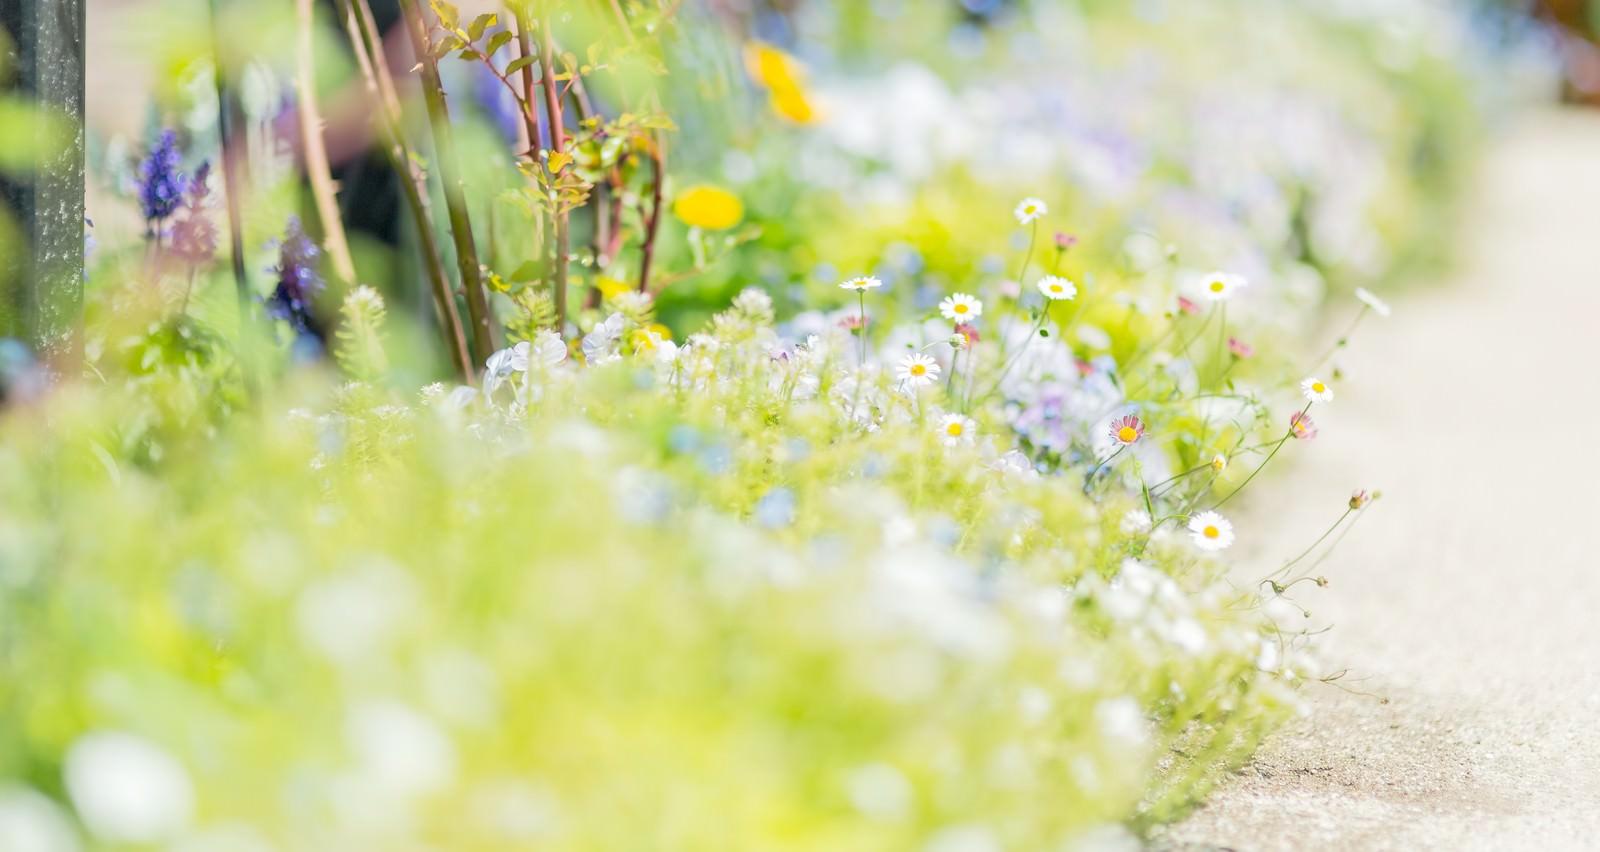 「道に溢れる草花」の写真